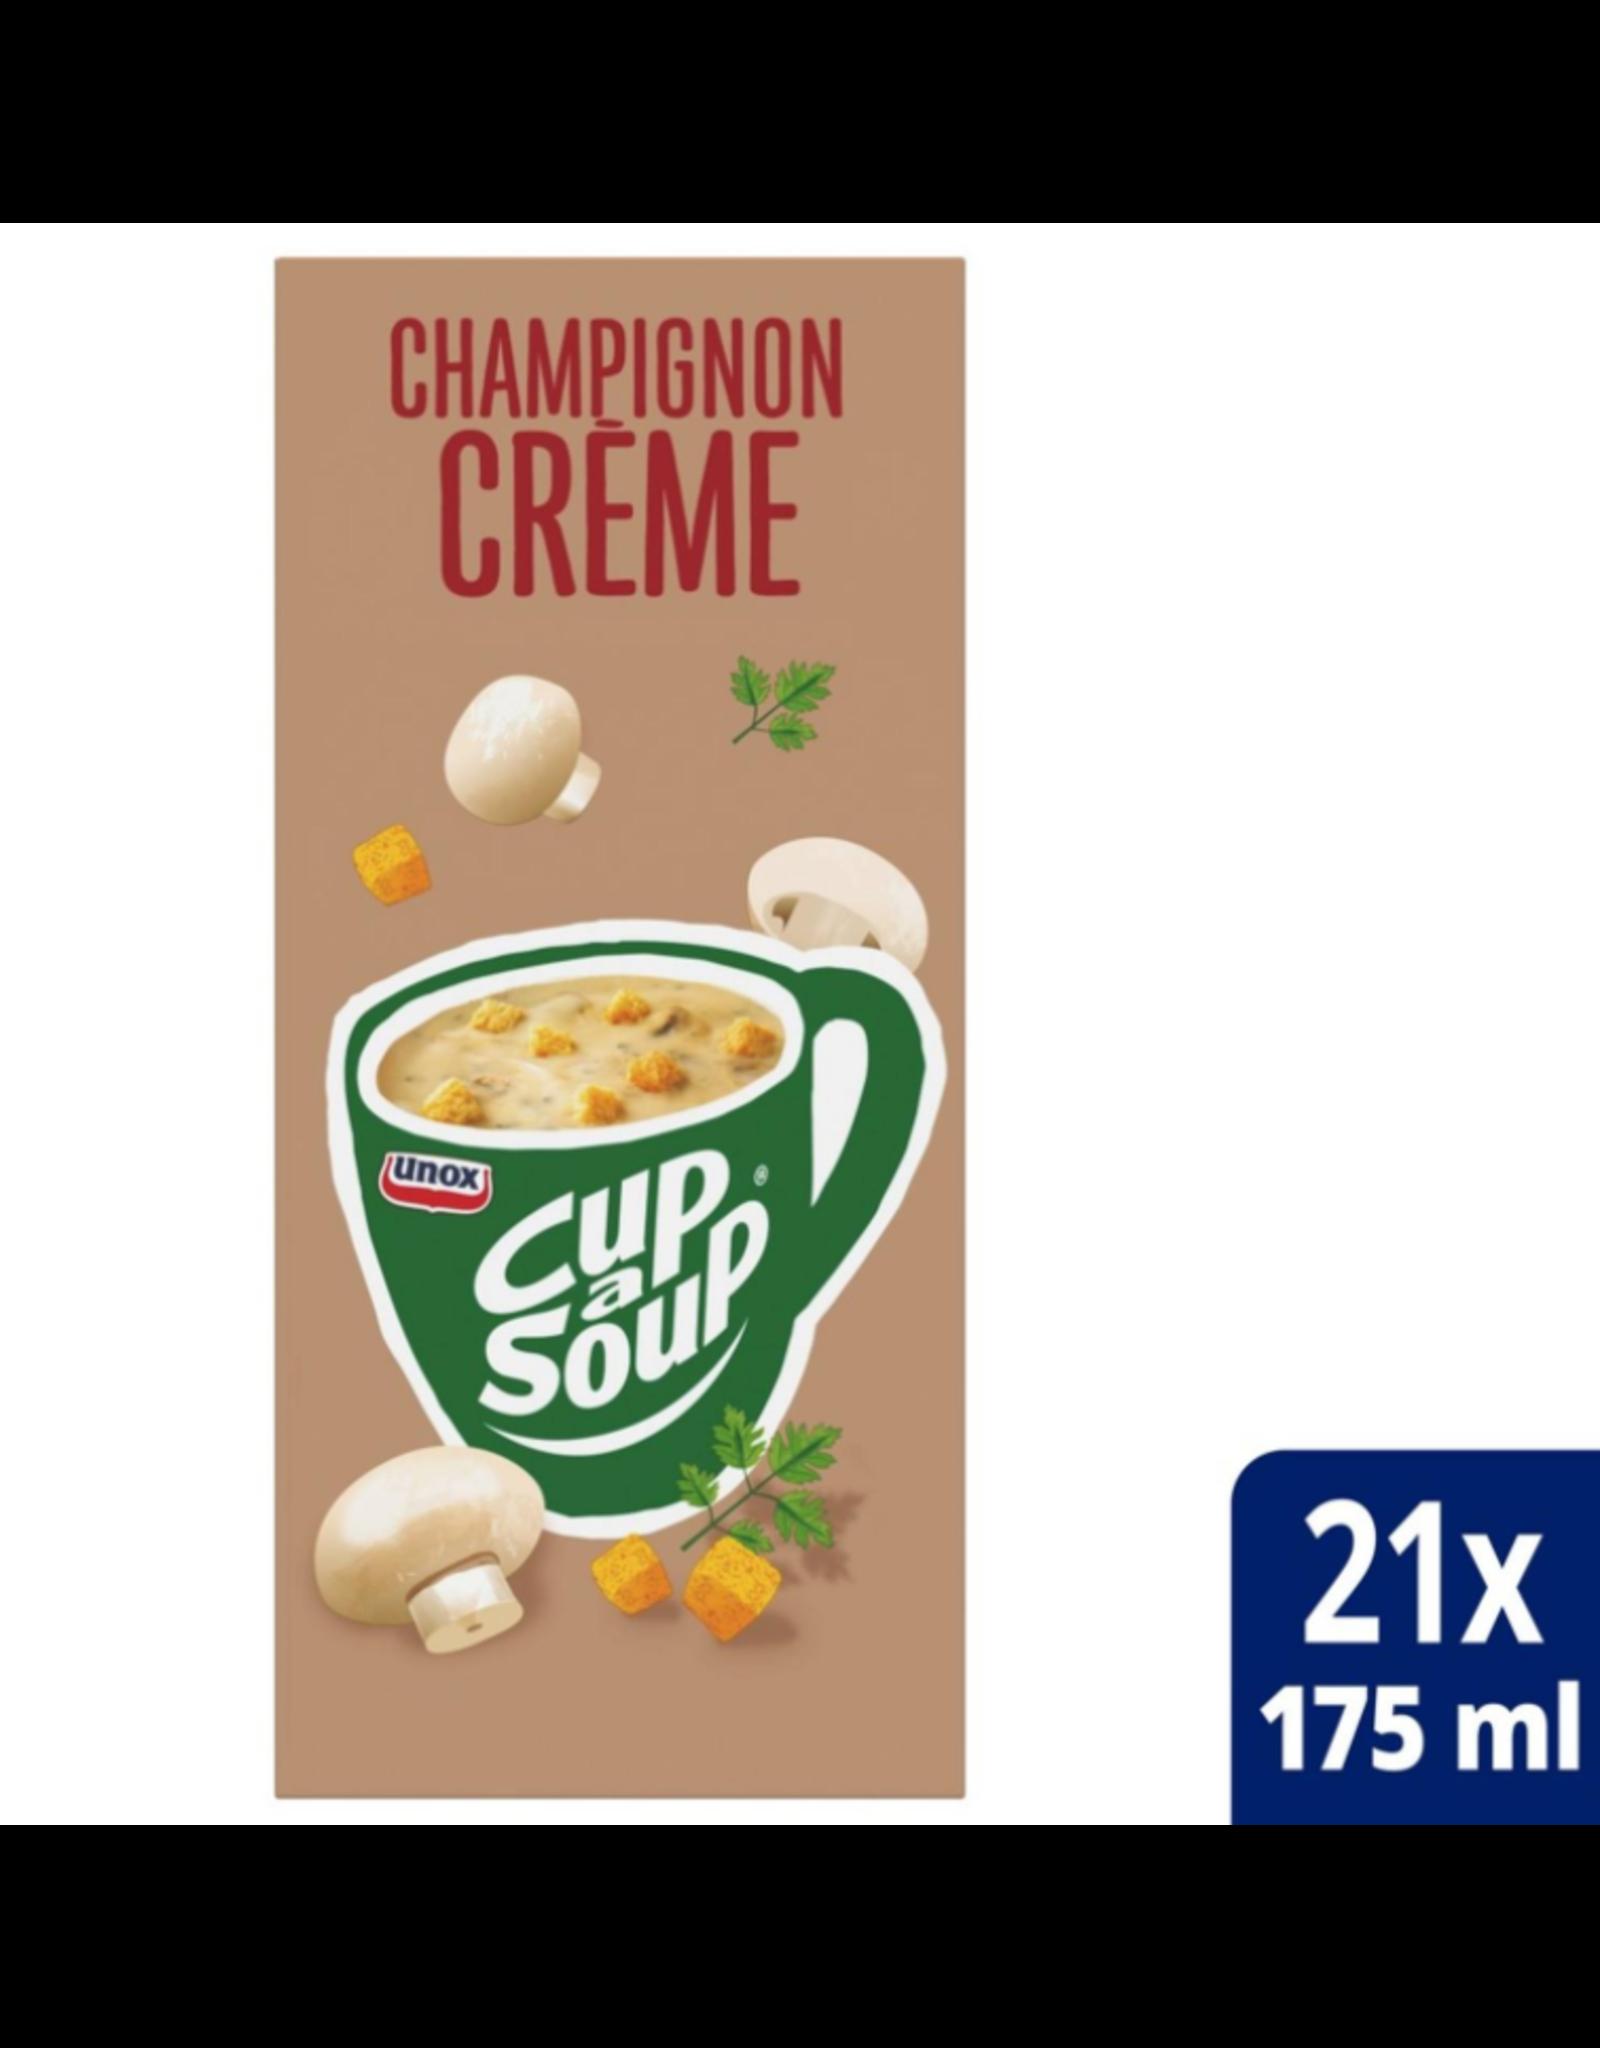 UNOX CUP A SOUP Champignon Creme